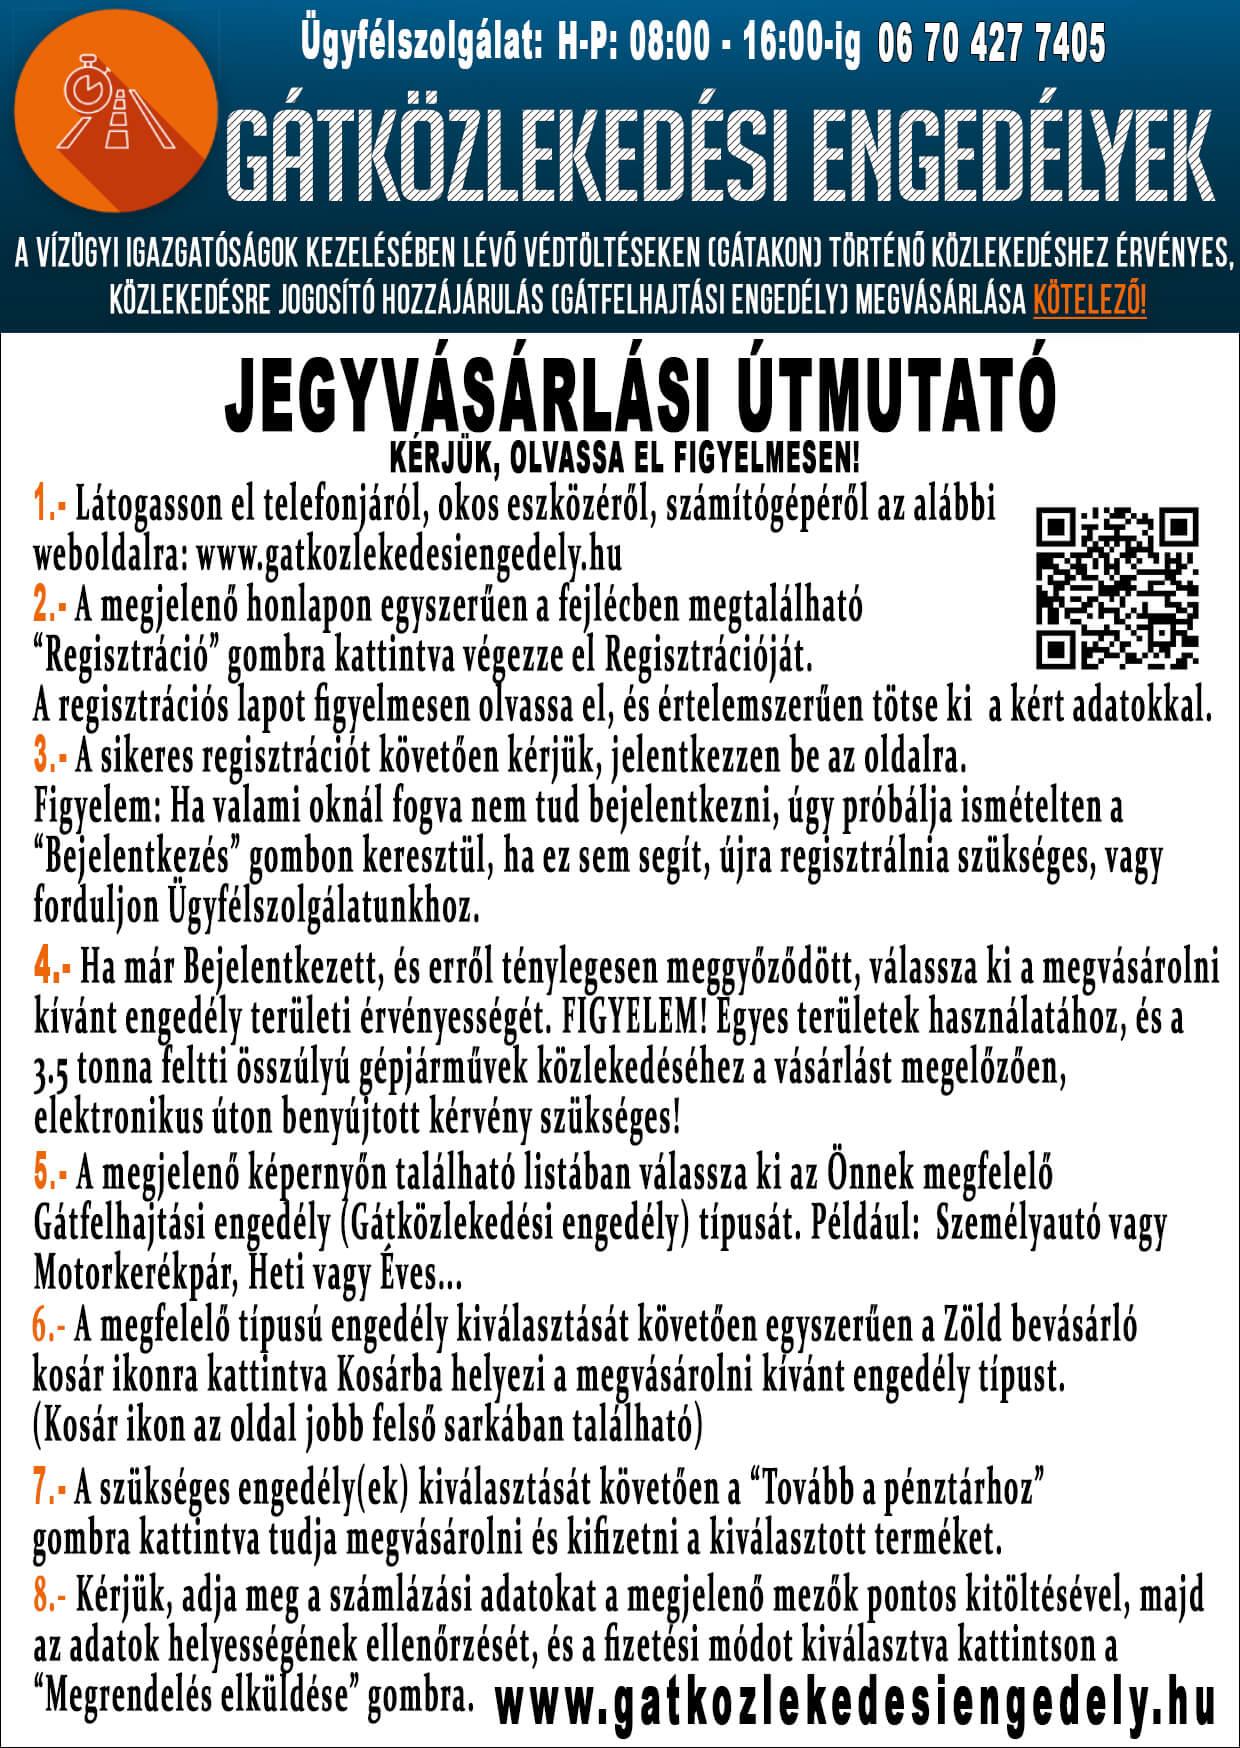 Gátközlekedési engedélyek - Jegyvásárlási útmutató